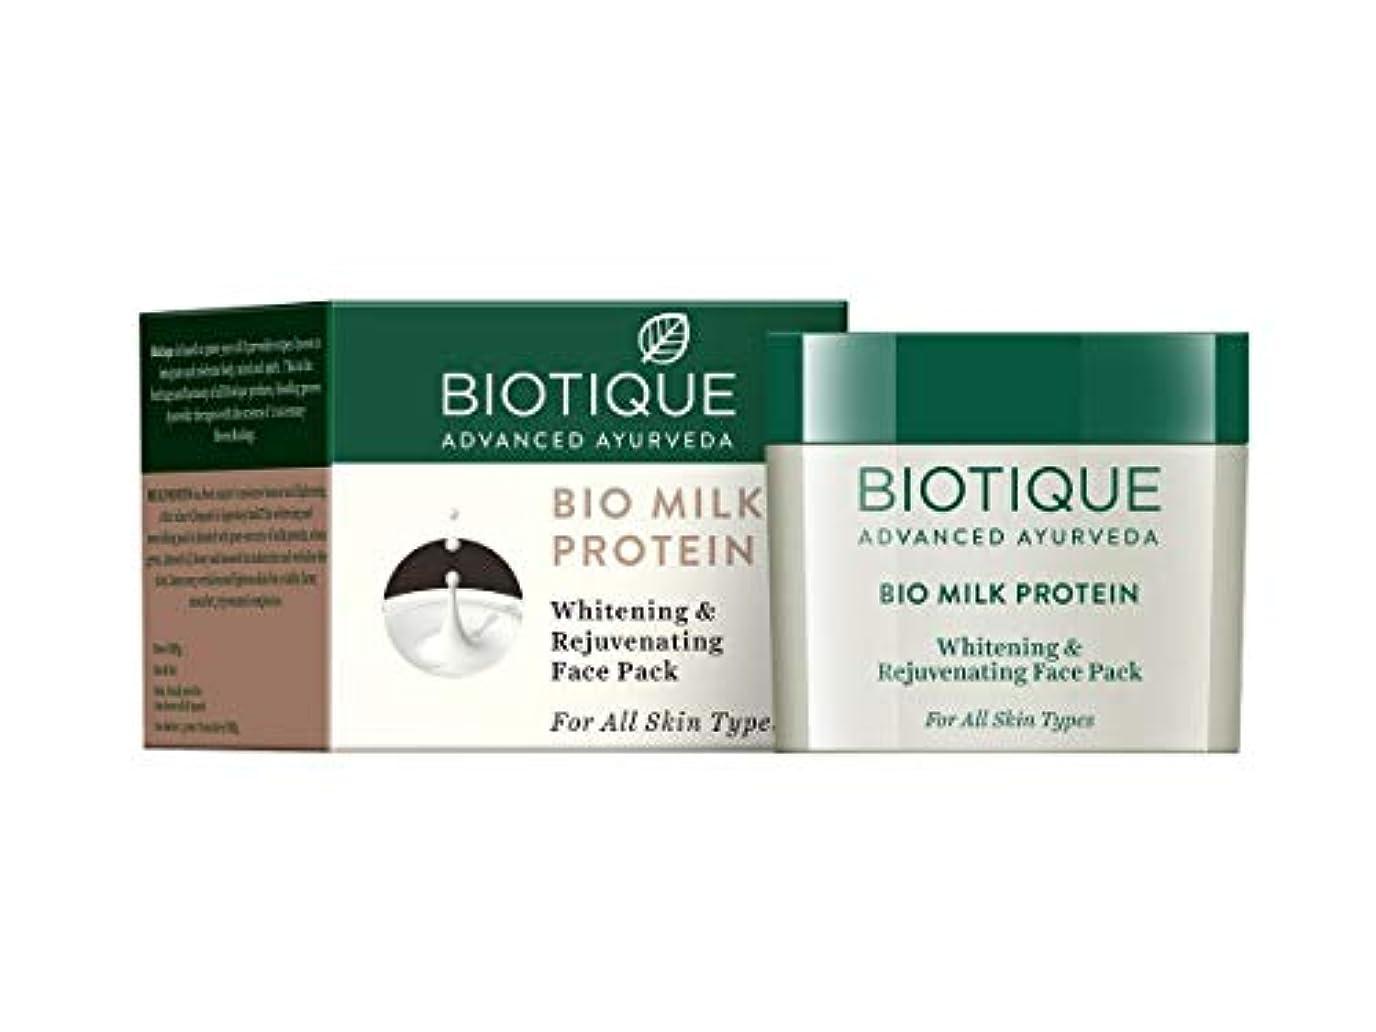 障害計算可能依存Biotique Bio Milk Protein Whitening & Rejuvenating Face Pack 50g moisturize Skin バイオパックバイオミルクプロテインホワイトニング&活性化フェイスパック